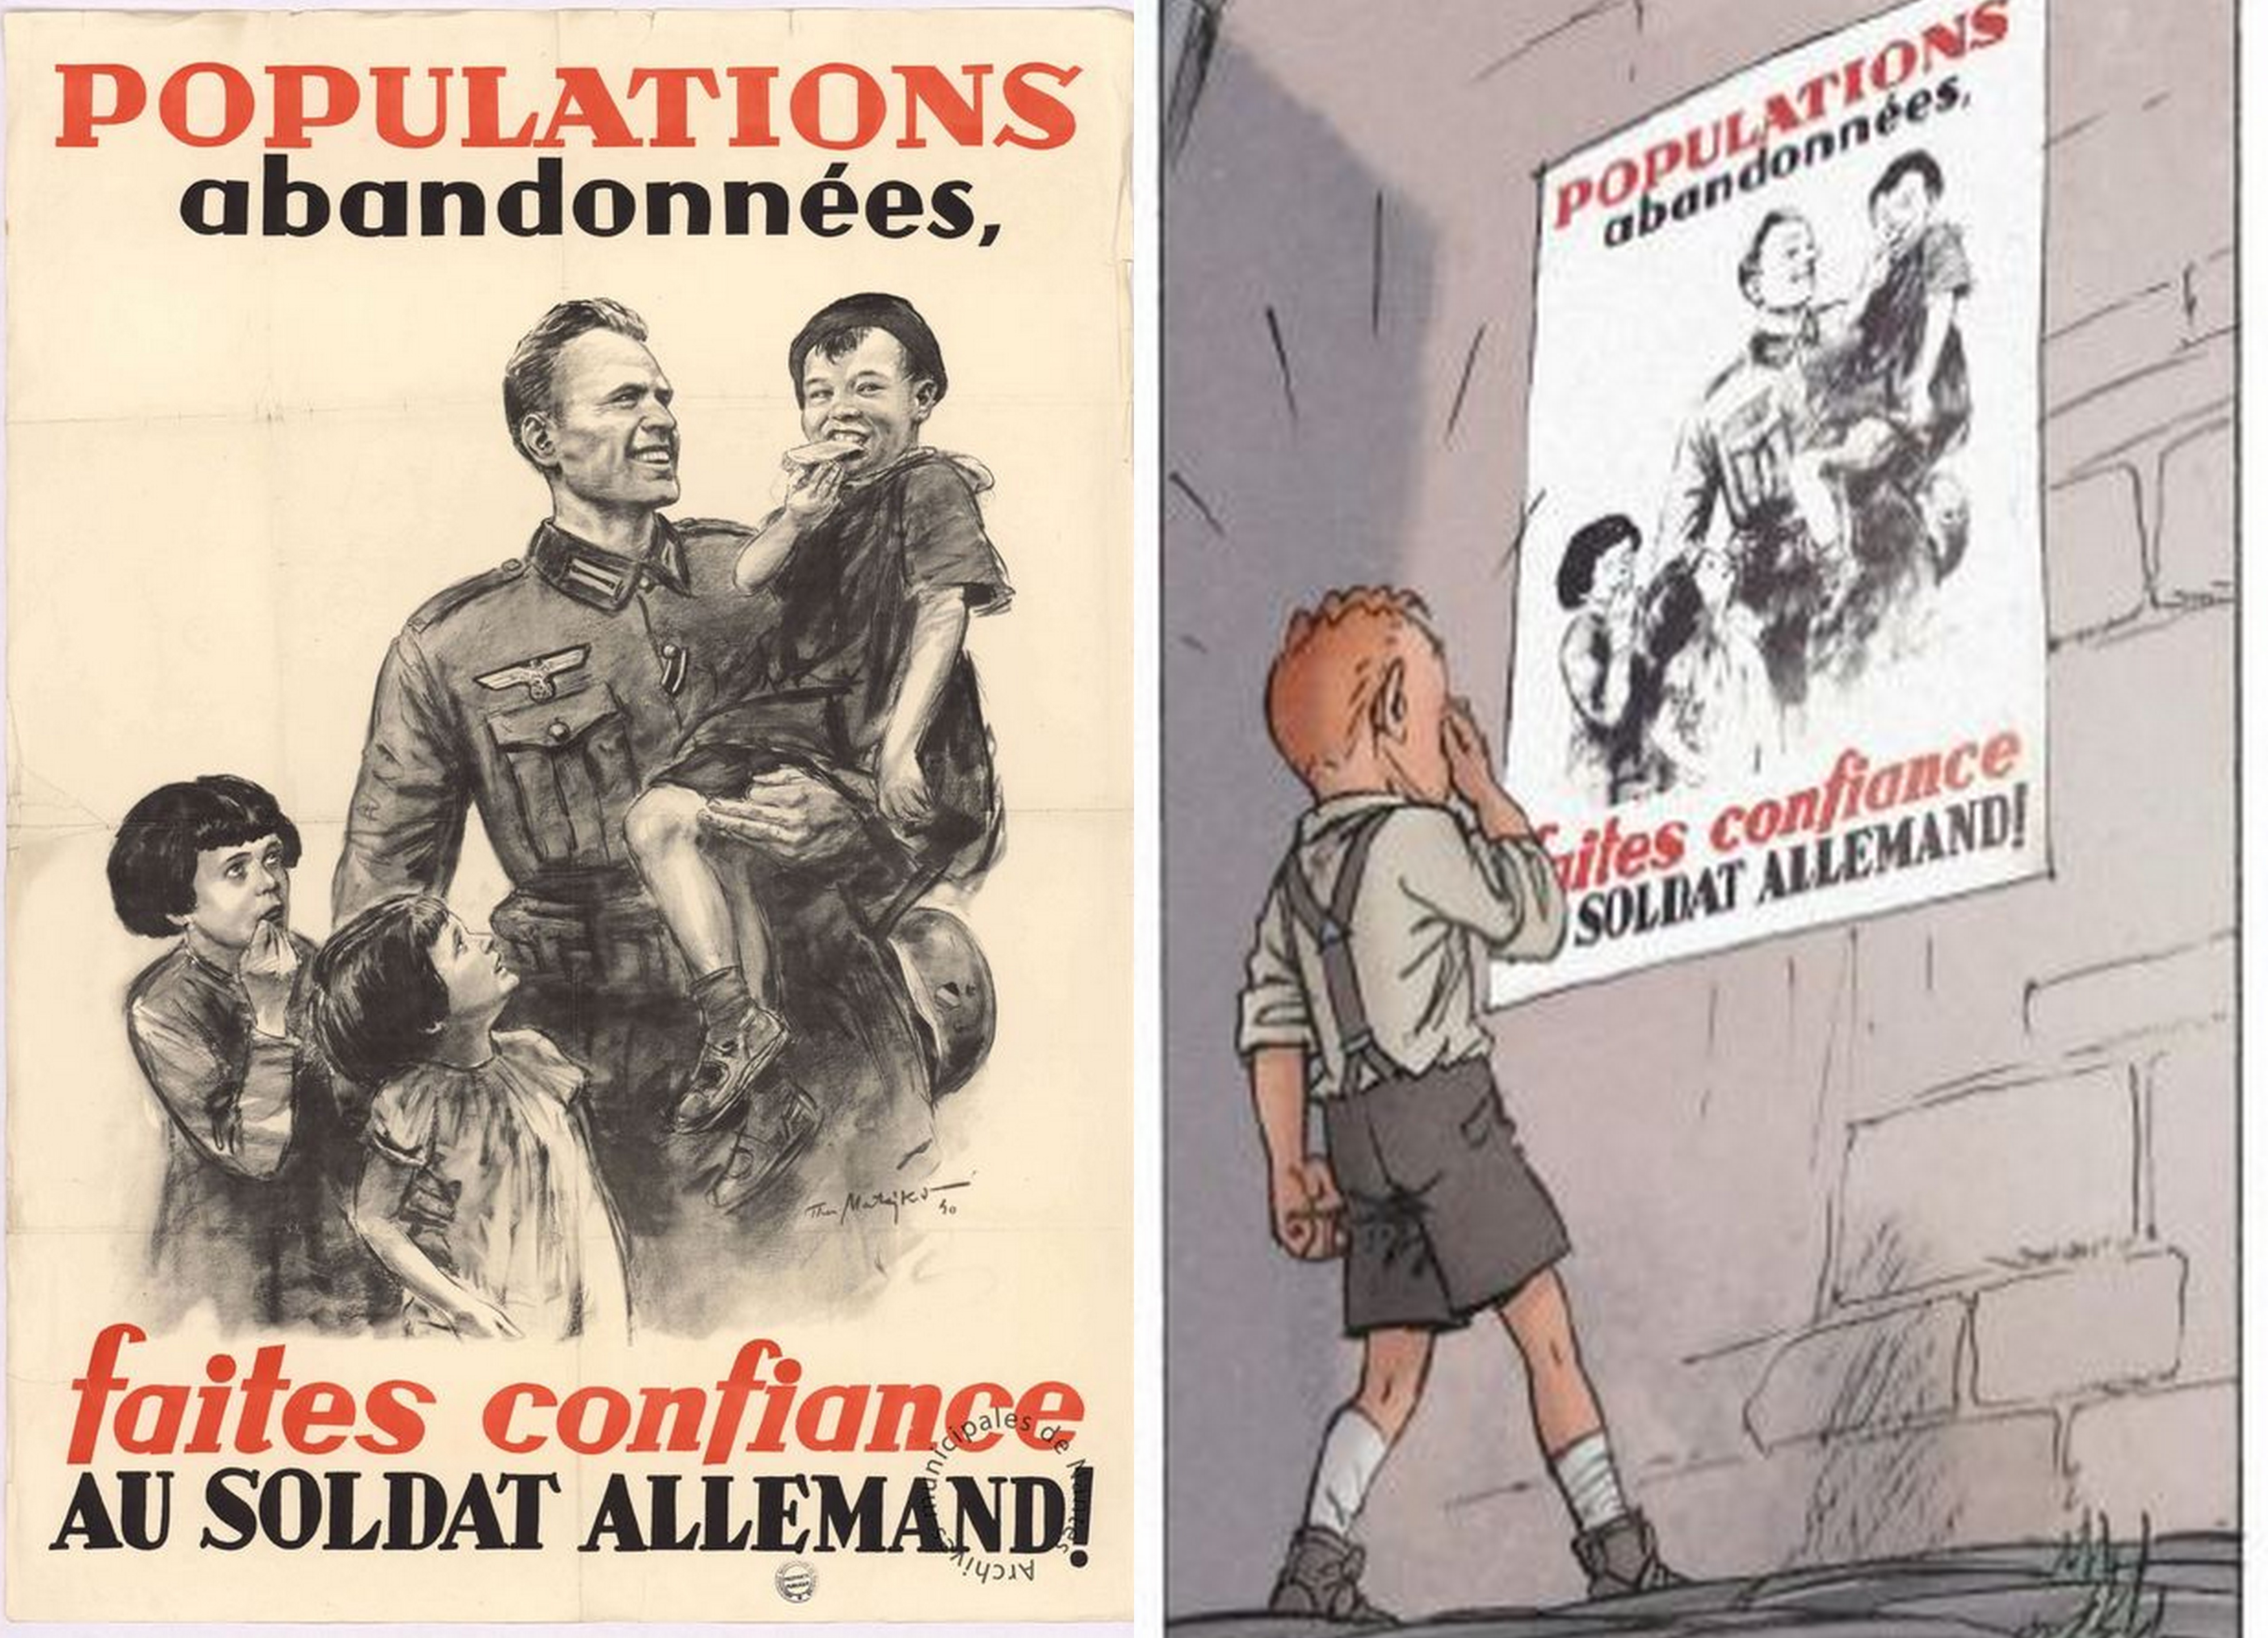 Les enfants de la résistance Dugomier Ers Faites confiance au soldat allemand